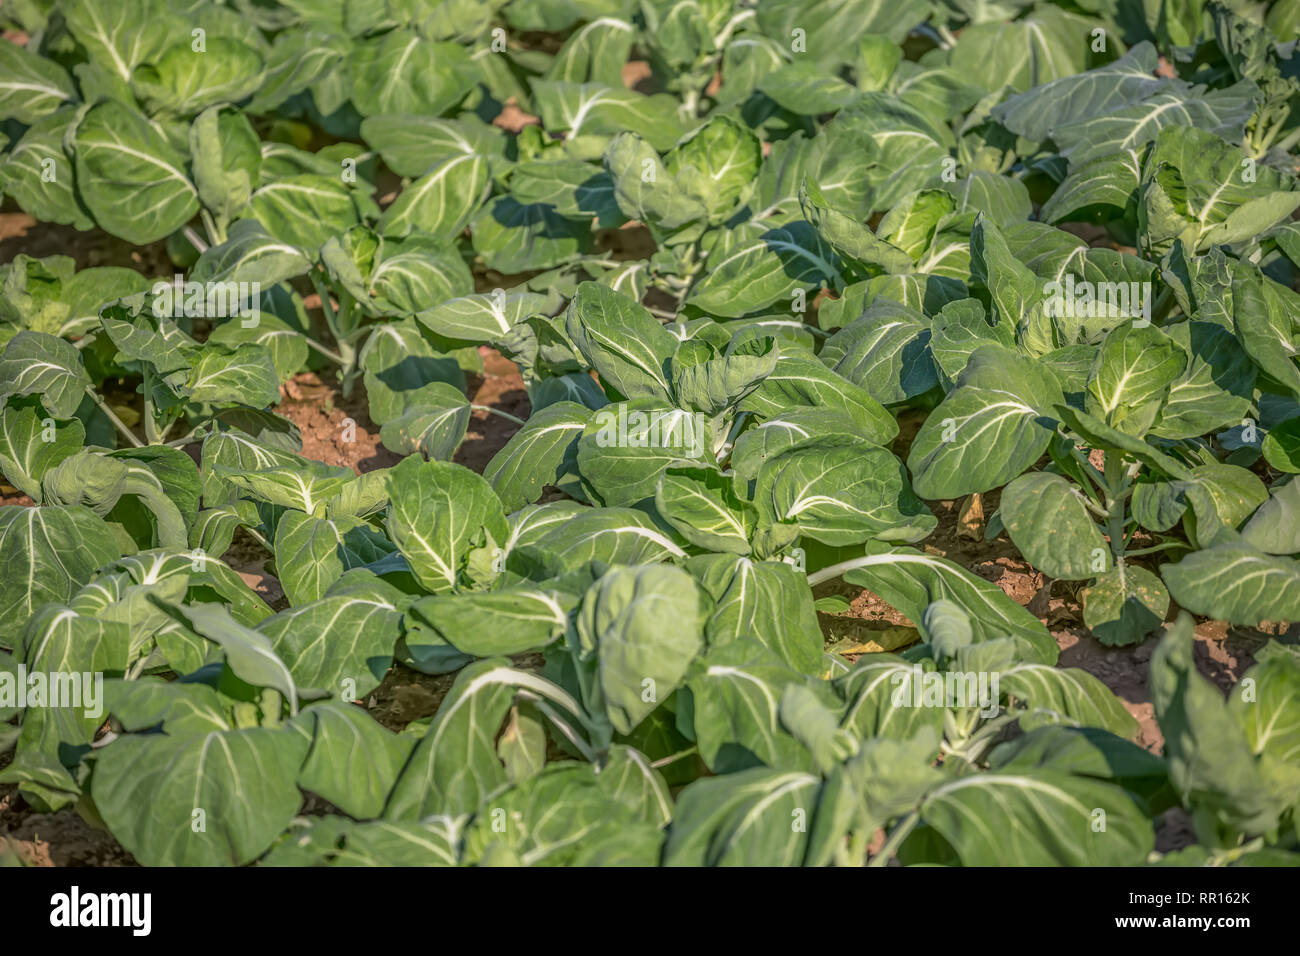 Vue d'un jardin potager avec des choux, l'agriculture biologique, avec tous les processus de l'artisan, la culture au Portugal Photo Stock